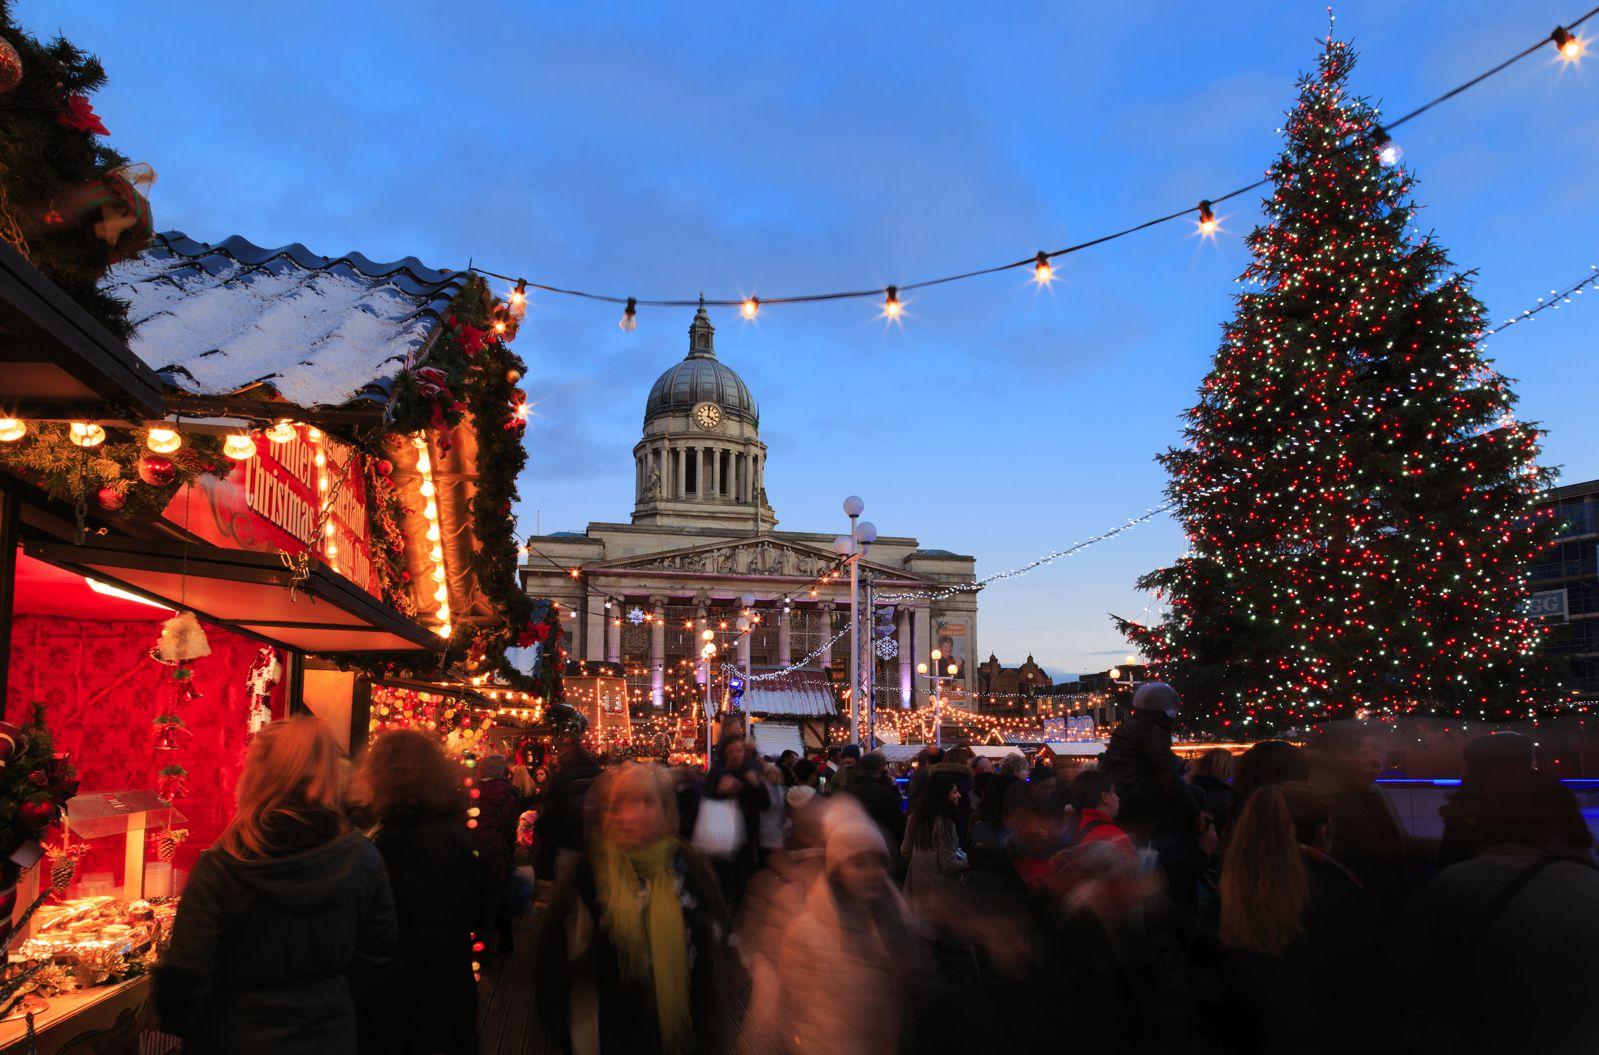 Планы на Рождество: 10 самых красивых рождественских ярмарок Европы